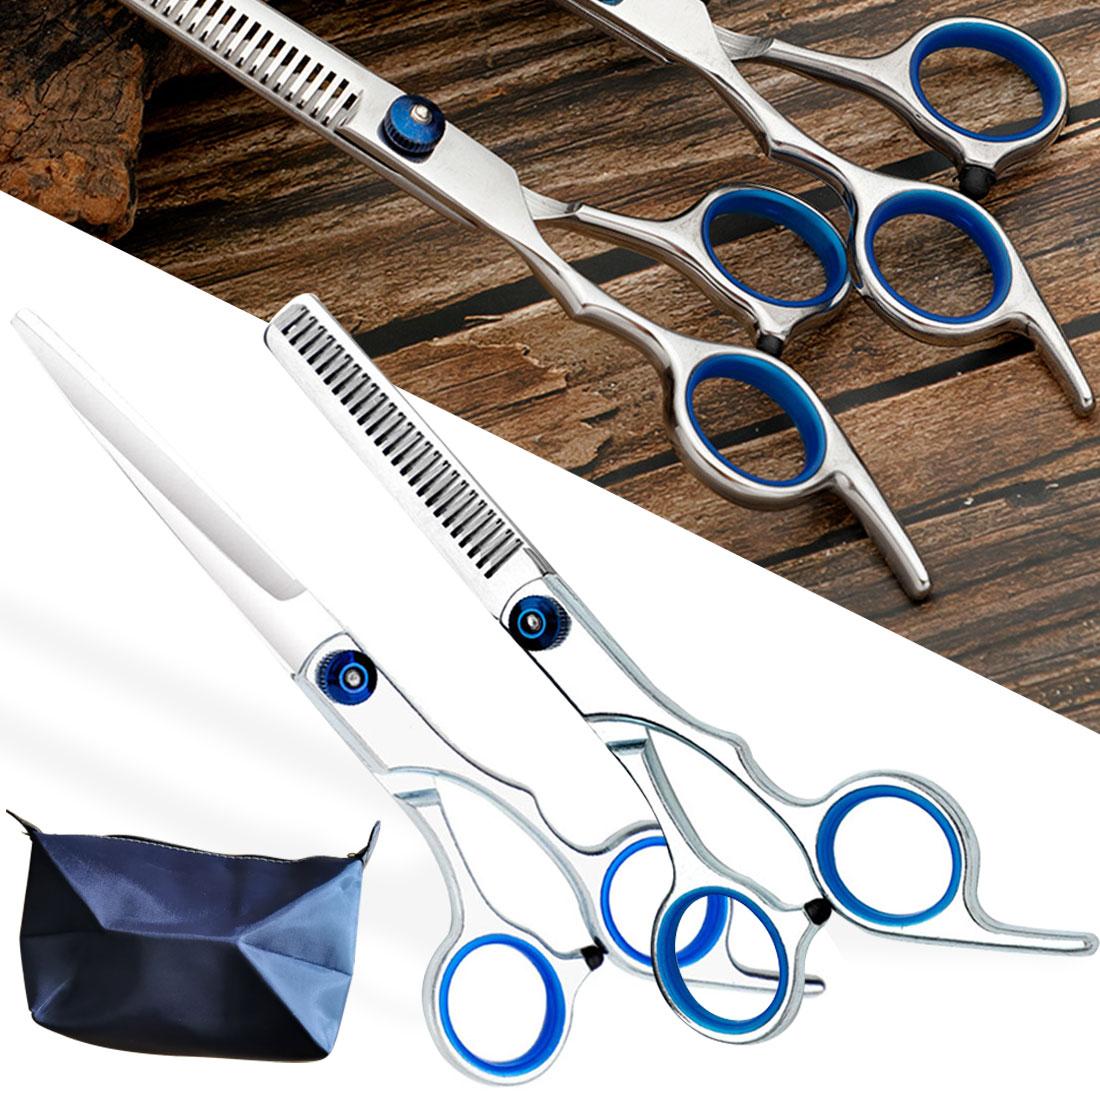 Парикмахерские ножницы из нержавеющей стали, профессиональные для стрижки и филировки волос, инструмент для парикмахерской